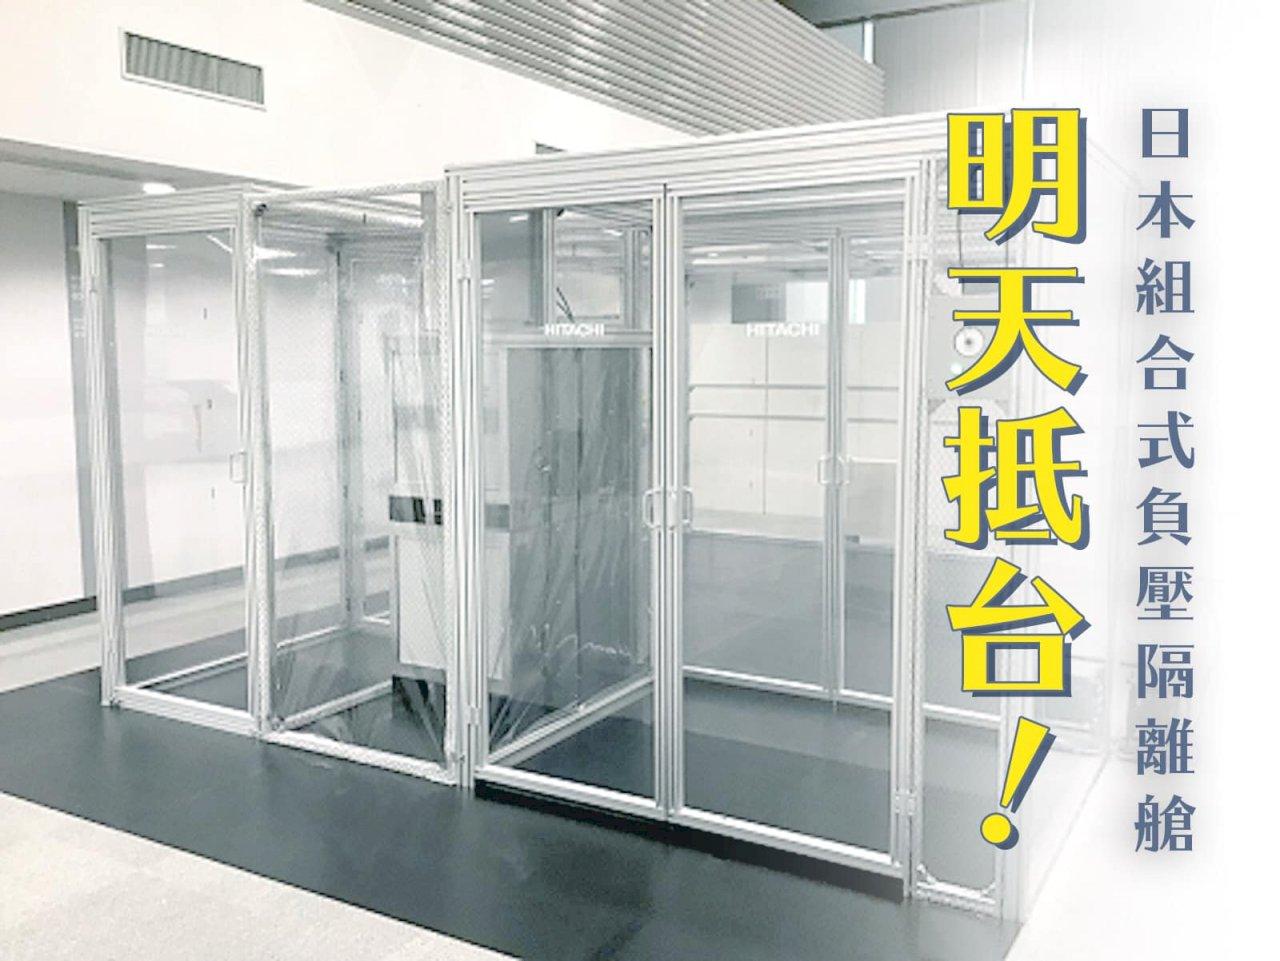 台灣採購優先 林佳龍:10座負壓隔離艙明抵台